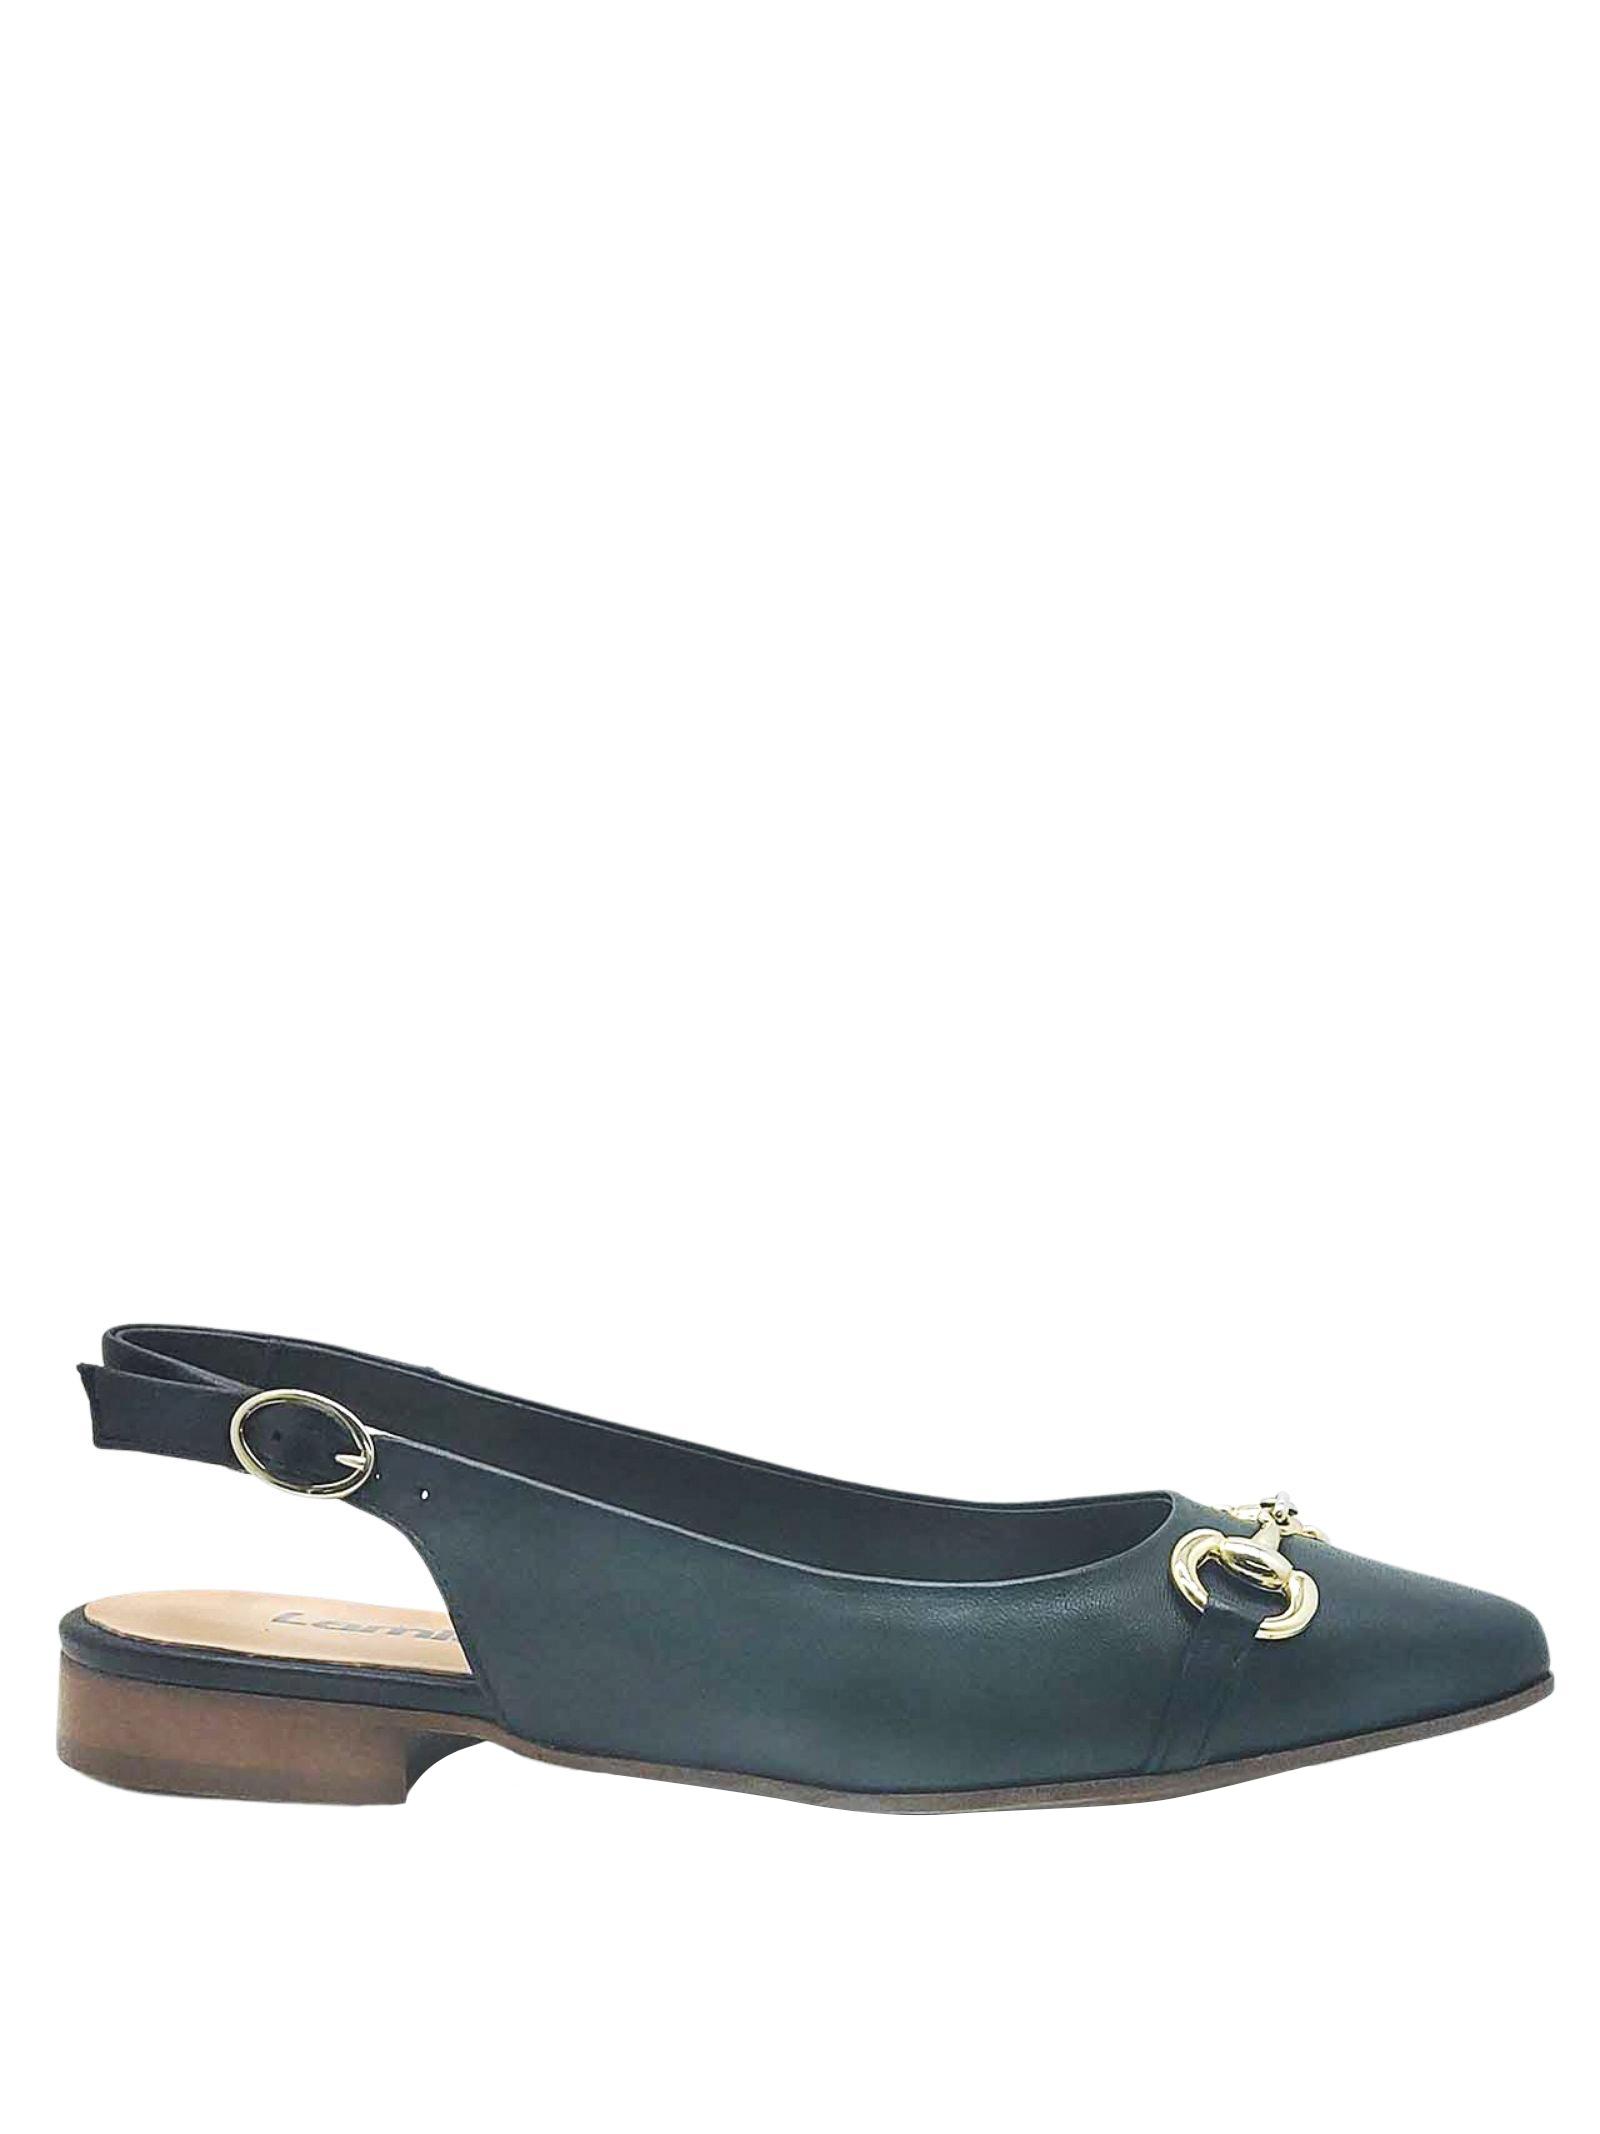 Calzature Donna Chanel in Pelle Nera con Morsetto in Oro e Tacco Basso Lamica | Décolleté | SINTA001